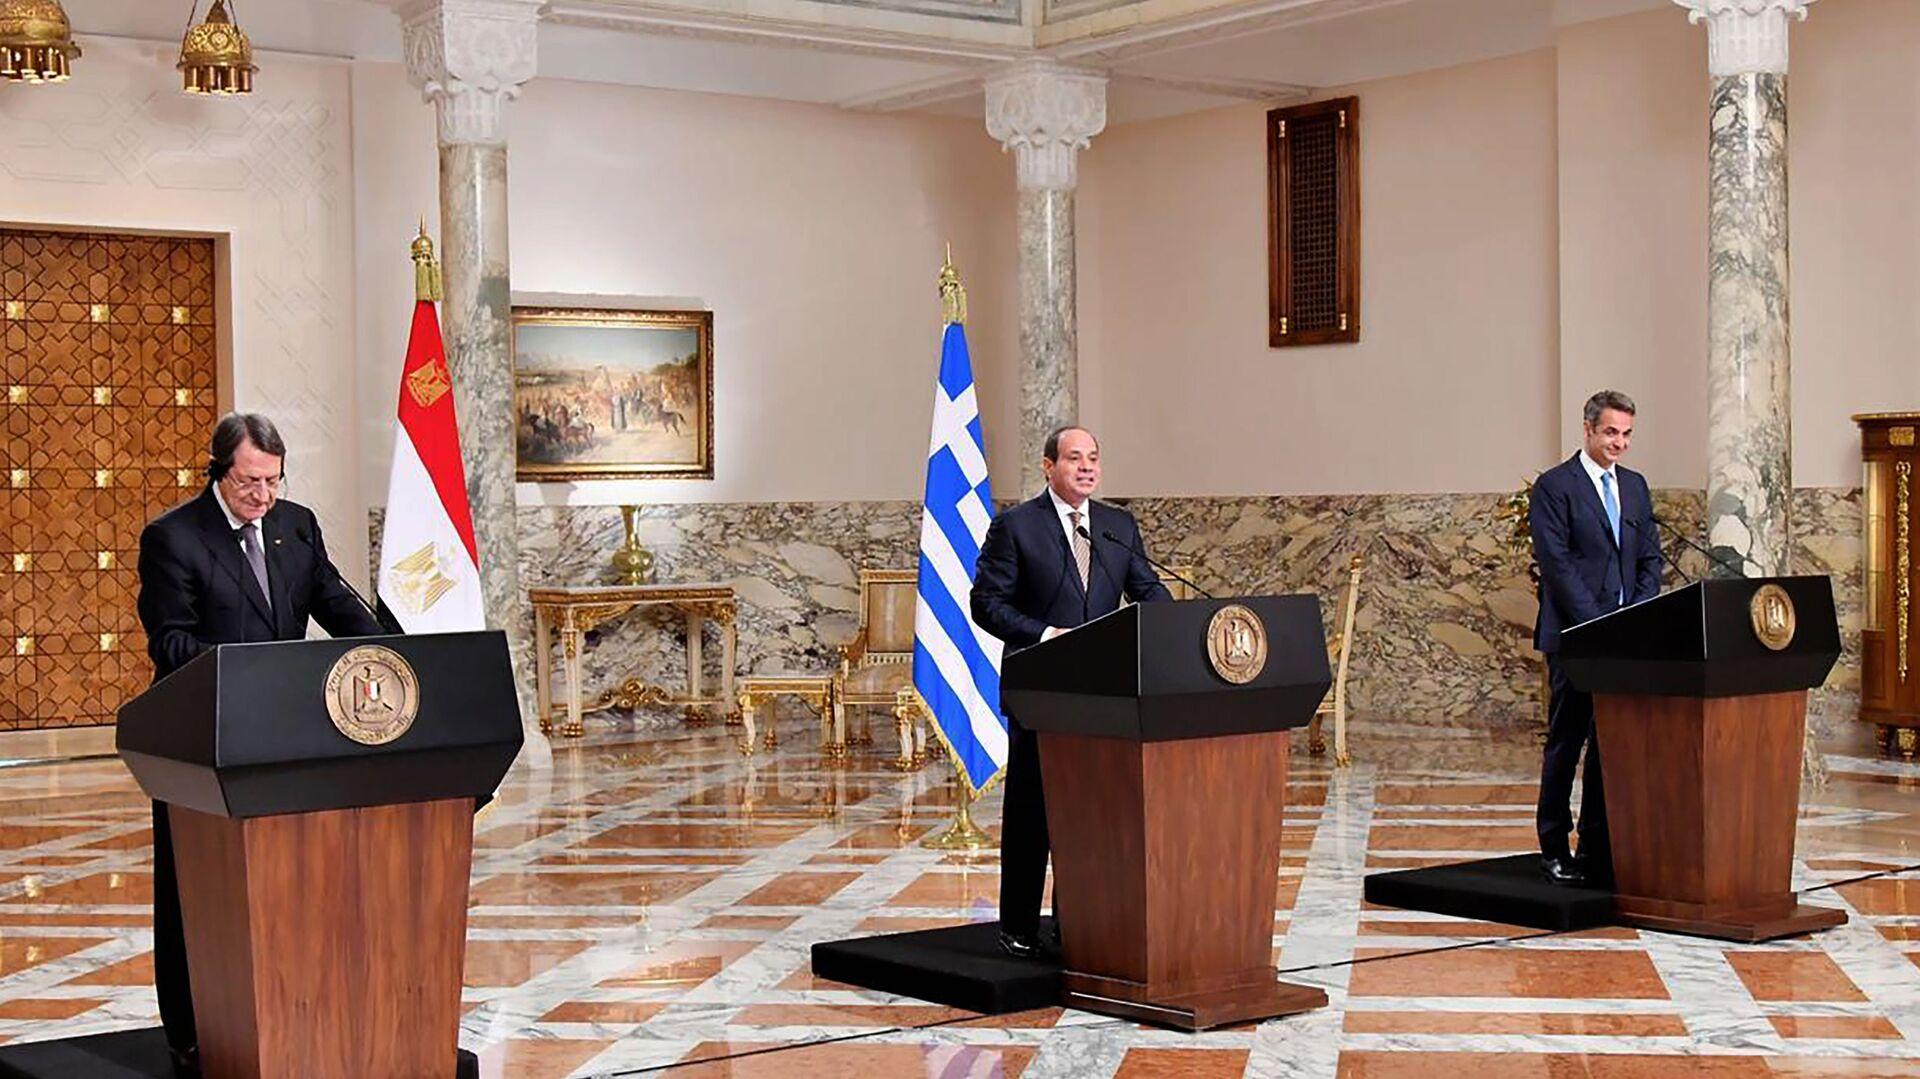 Συνέντευξη Τύπου μετά την Τριμερή Ελλάδας – Κύπρου – Αιγύπτου    - Sputnik Ελλάδα, 1920, 14.10.2021